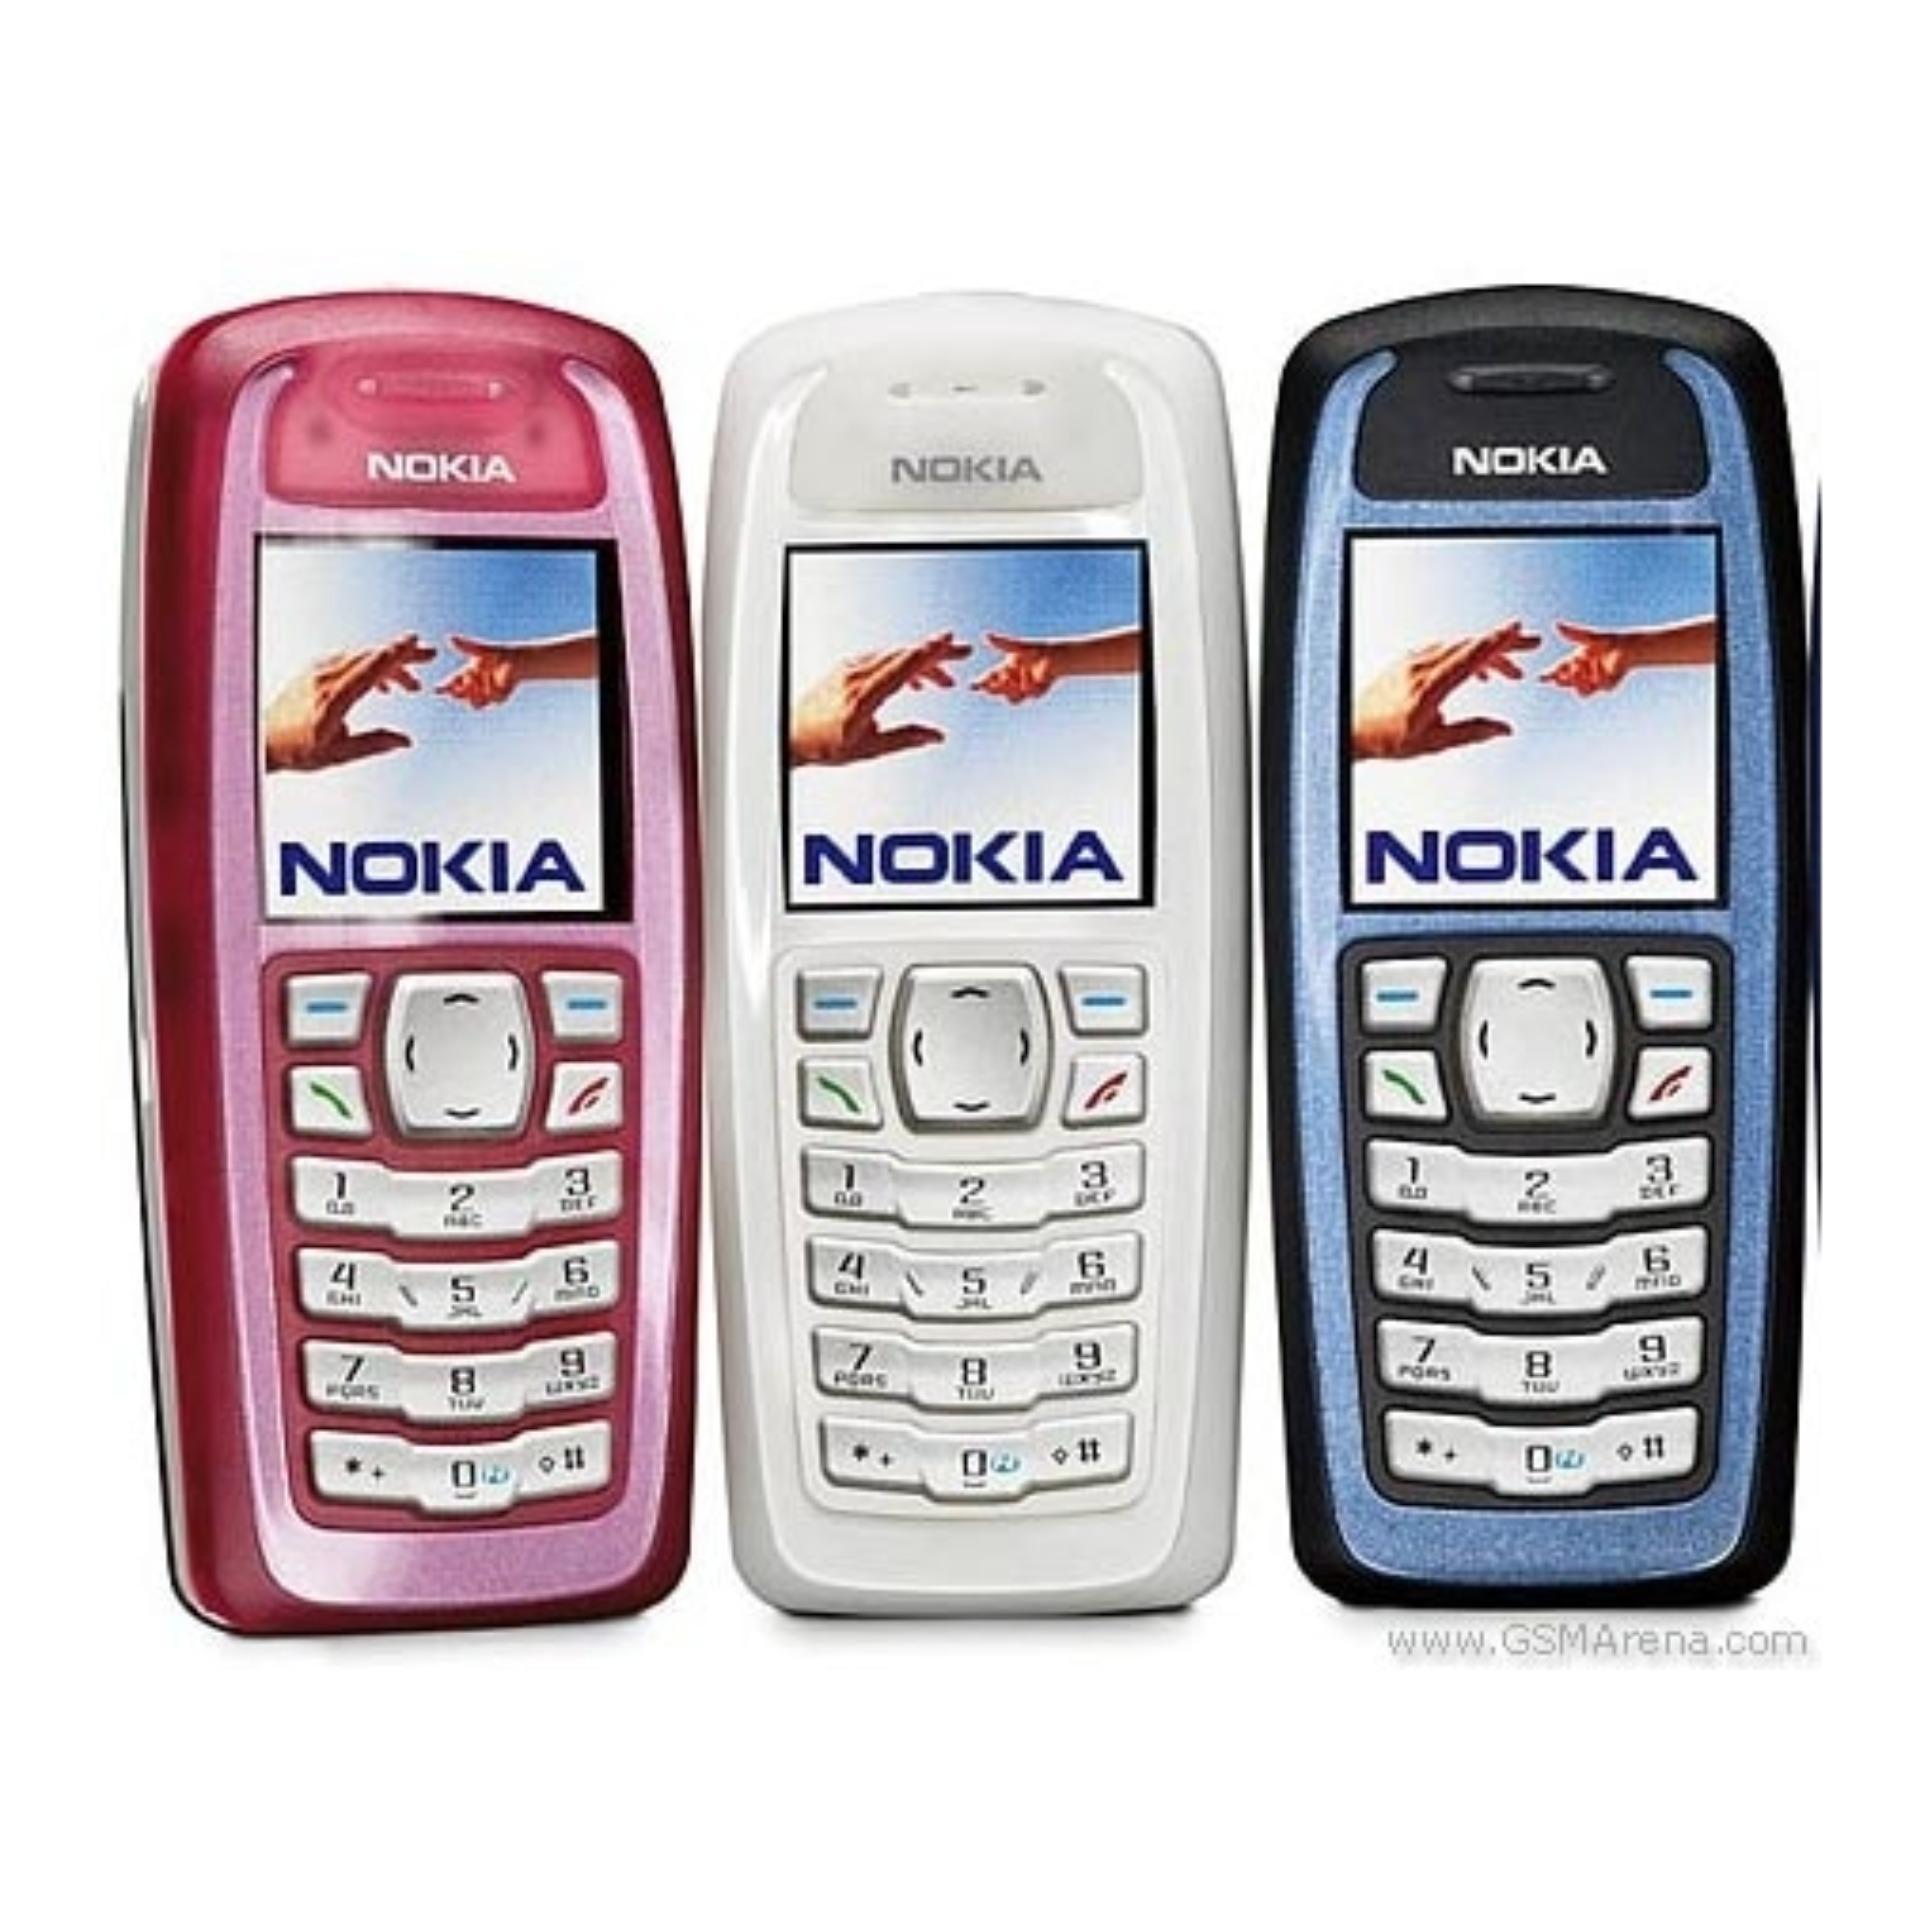 Jualan Online Terlaris Aman Dan Terpercaya Page 26 Cara Belanja Brandcode B3310 Handphone Merah Dual Sim Gsm Nokia 3100 Jadul Murah